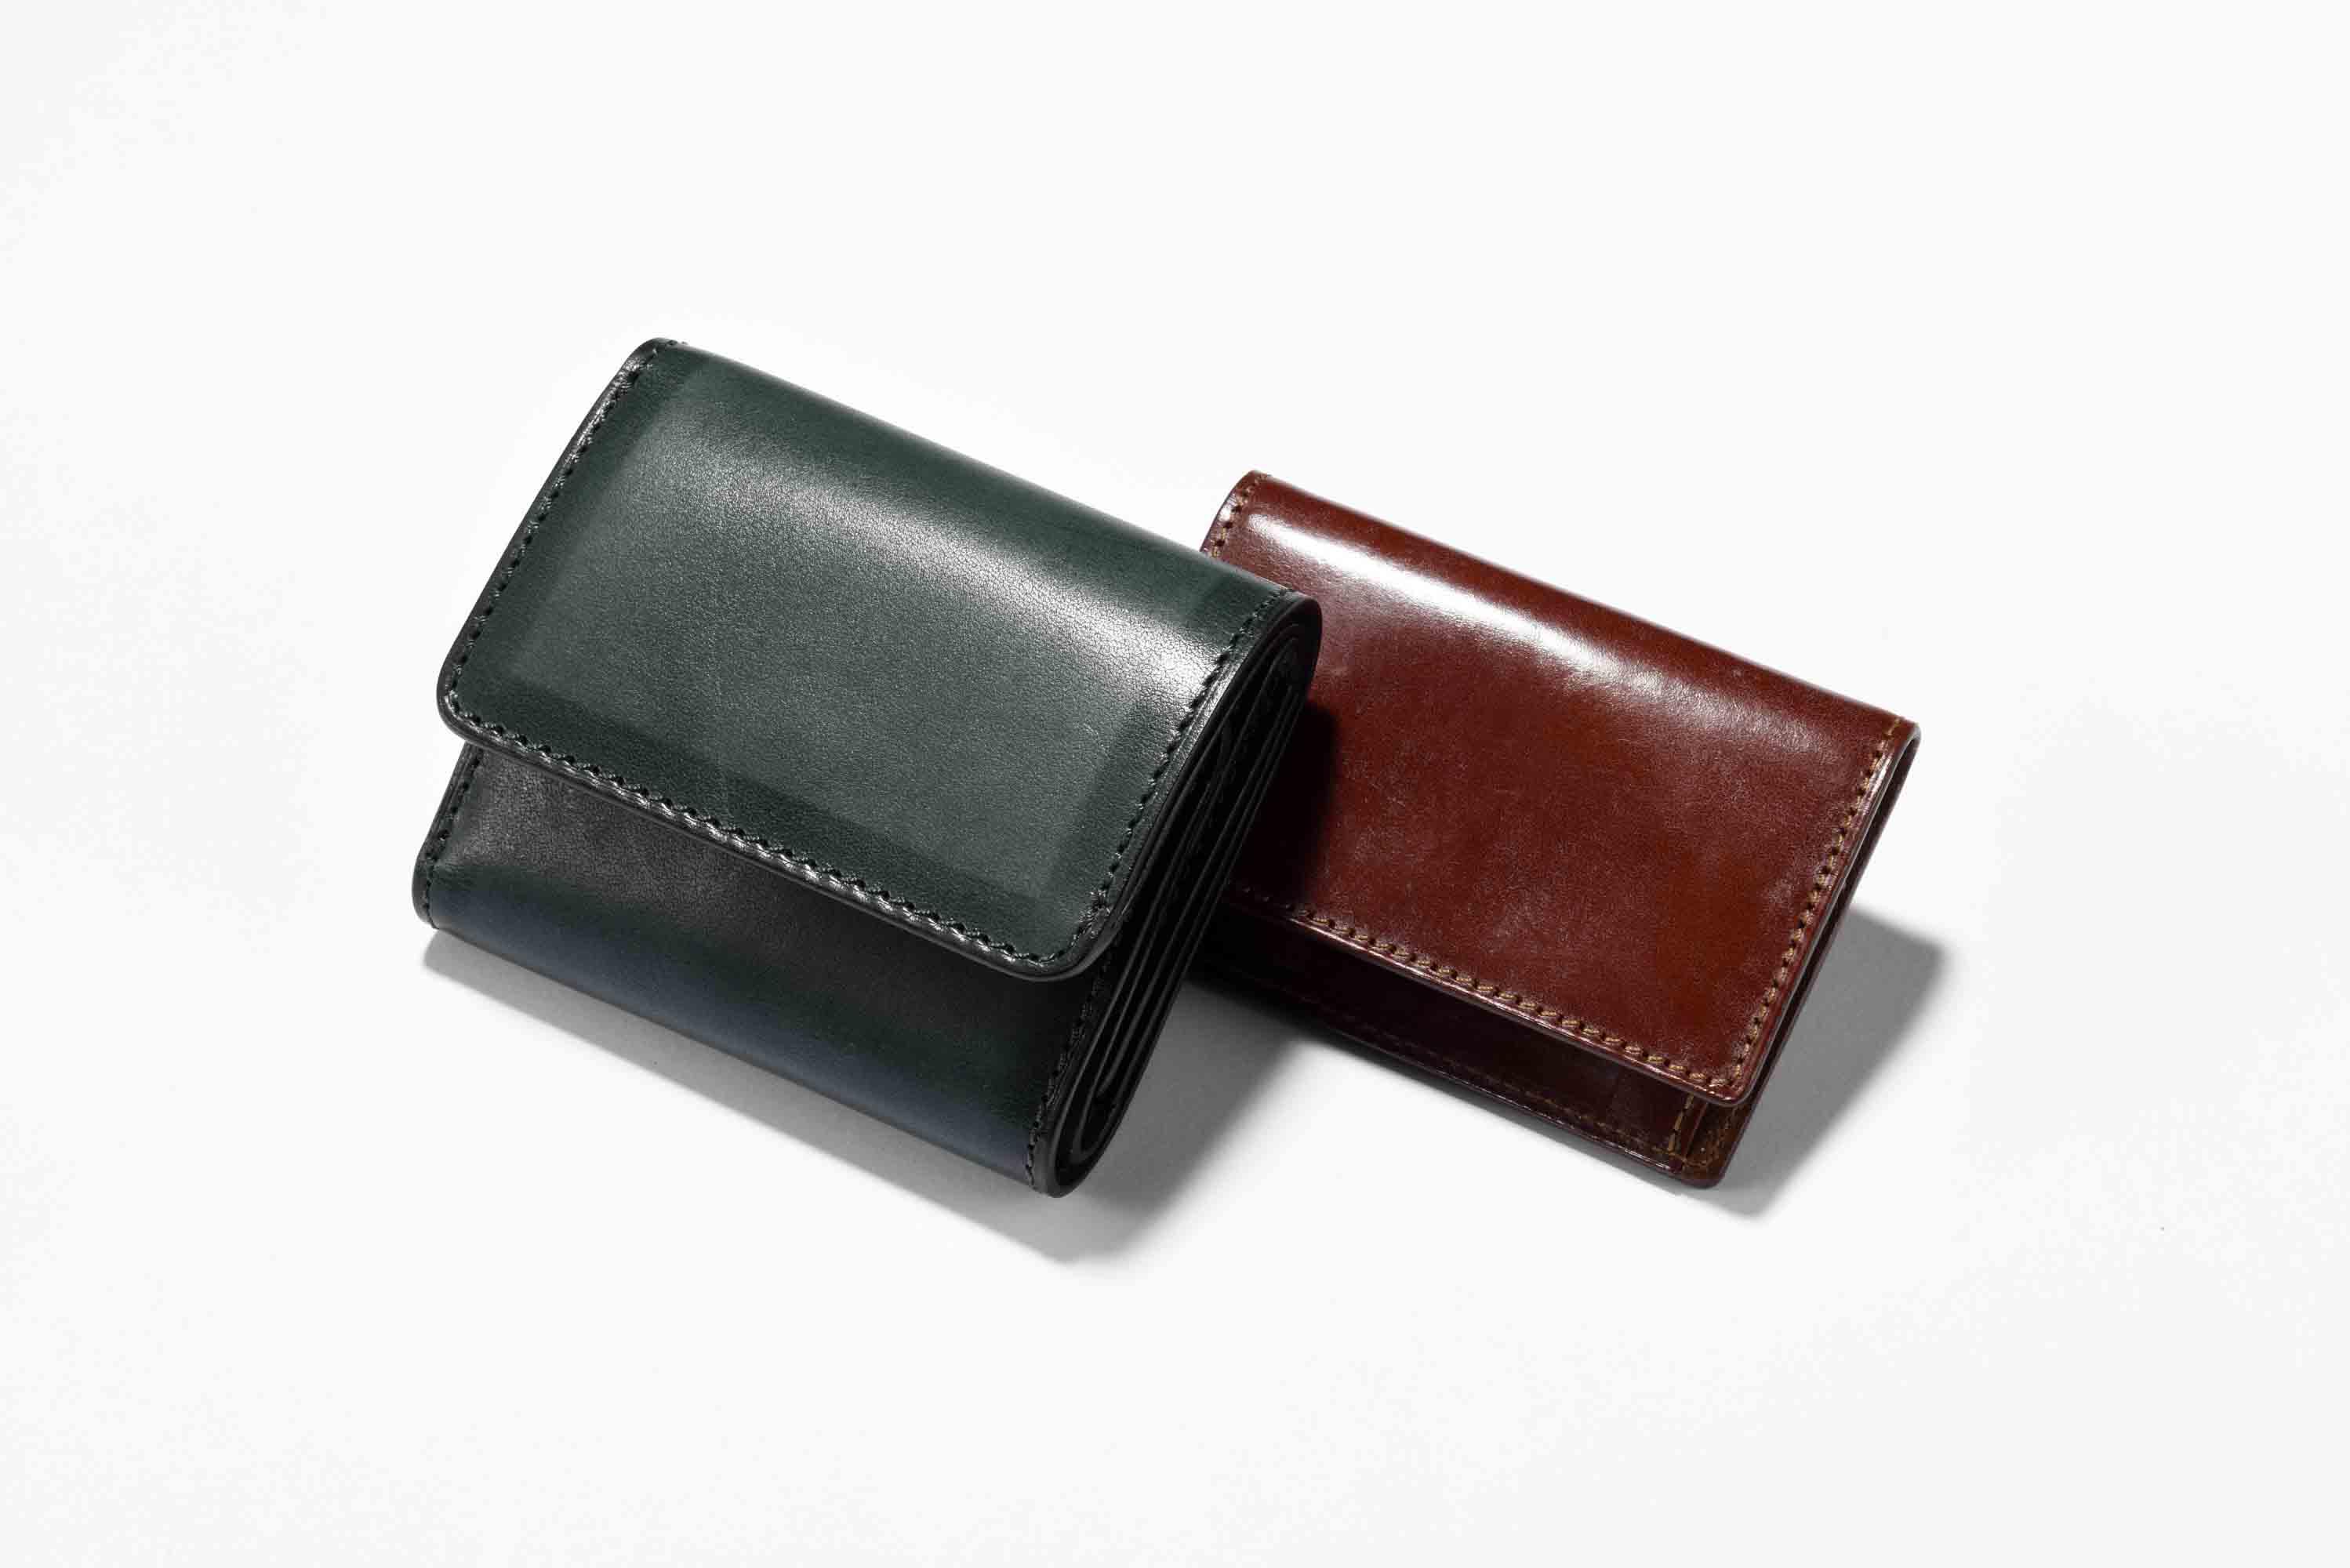 【17】ソメスサドル 三つ折り財布